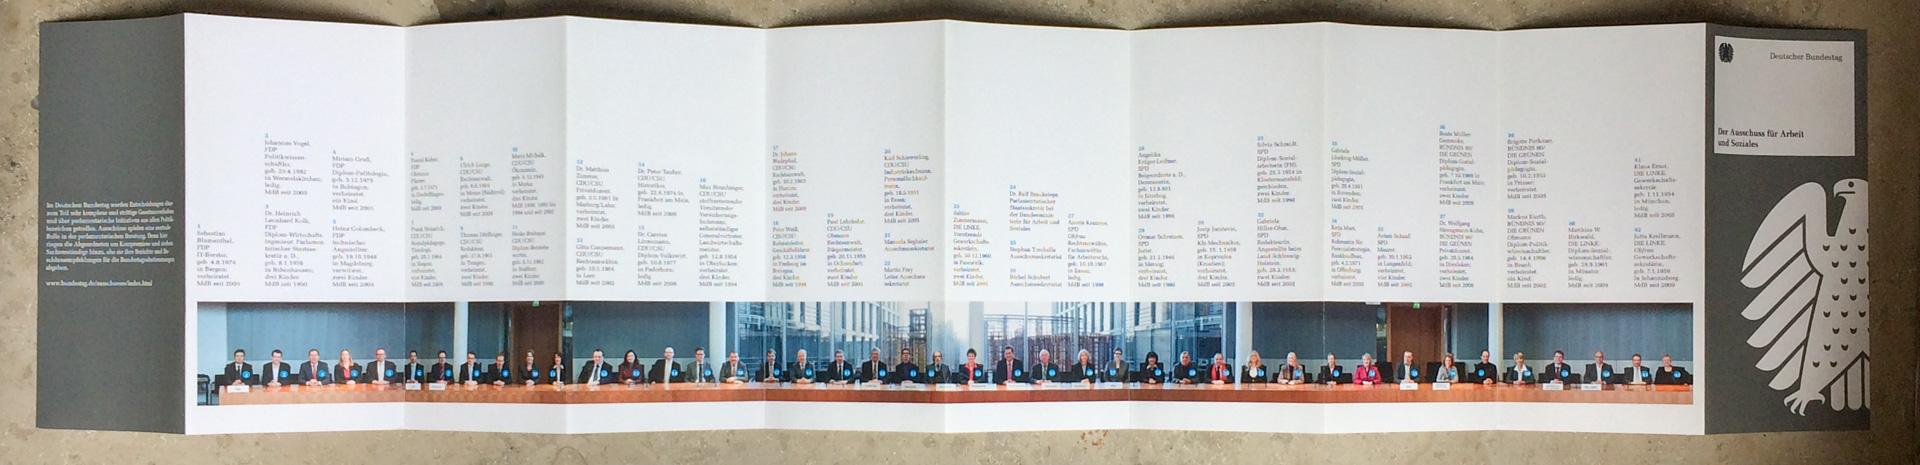 Ausschuss für Arbeit und Soziales - Ausschuss-Flyer (Leporello) - 360°-Foto: Chris Witzani